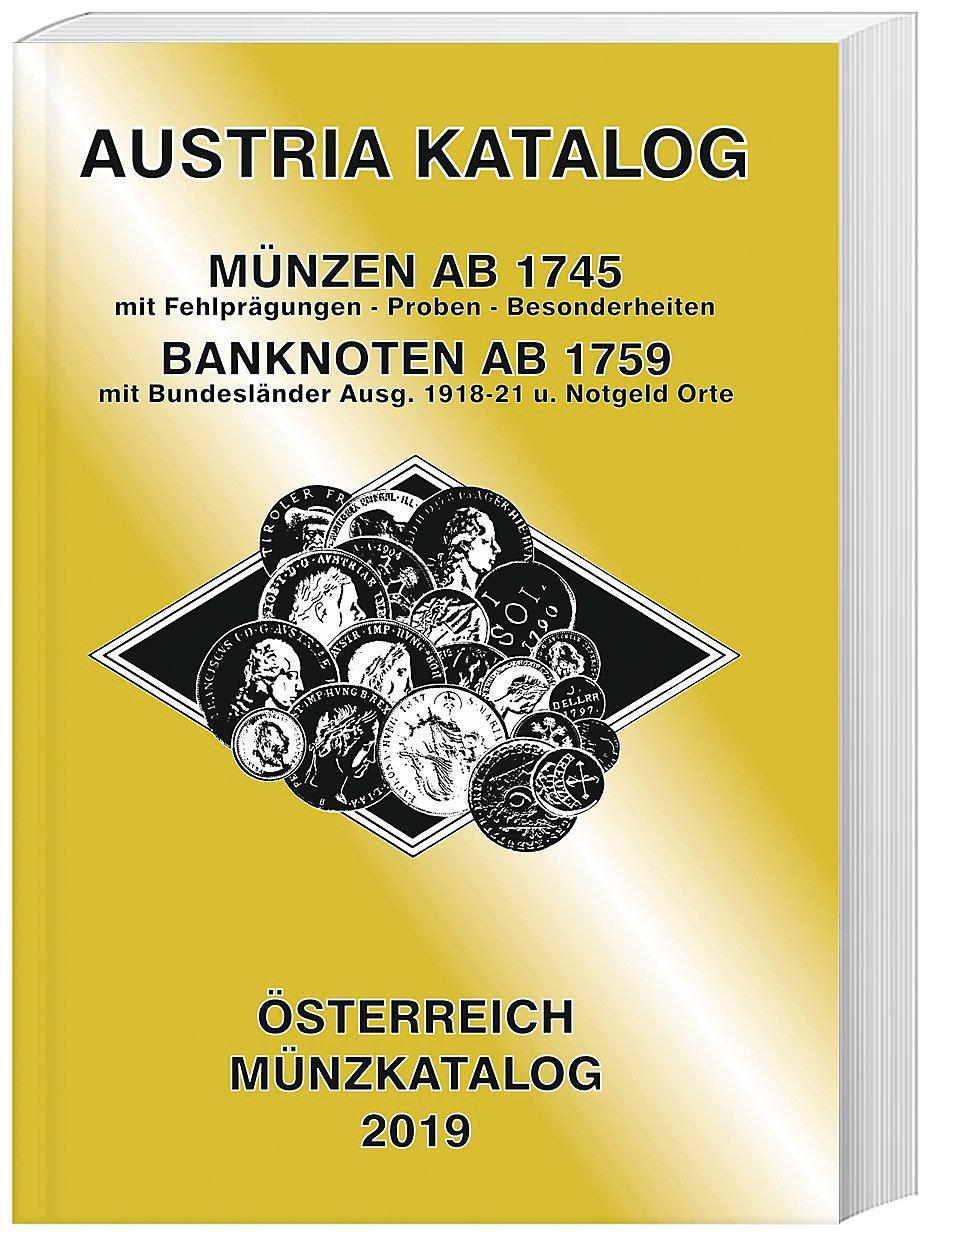 Austria Katalog Münzen österreich 2019 Buch Portofrei Weltbildat